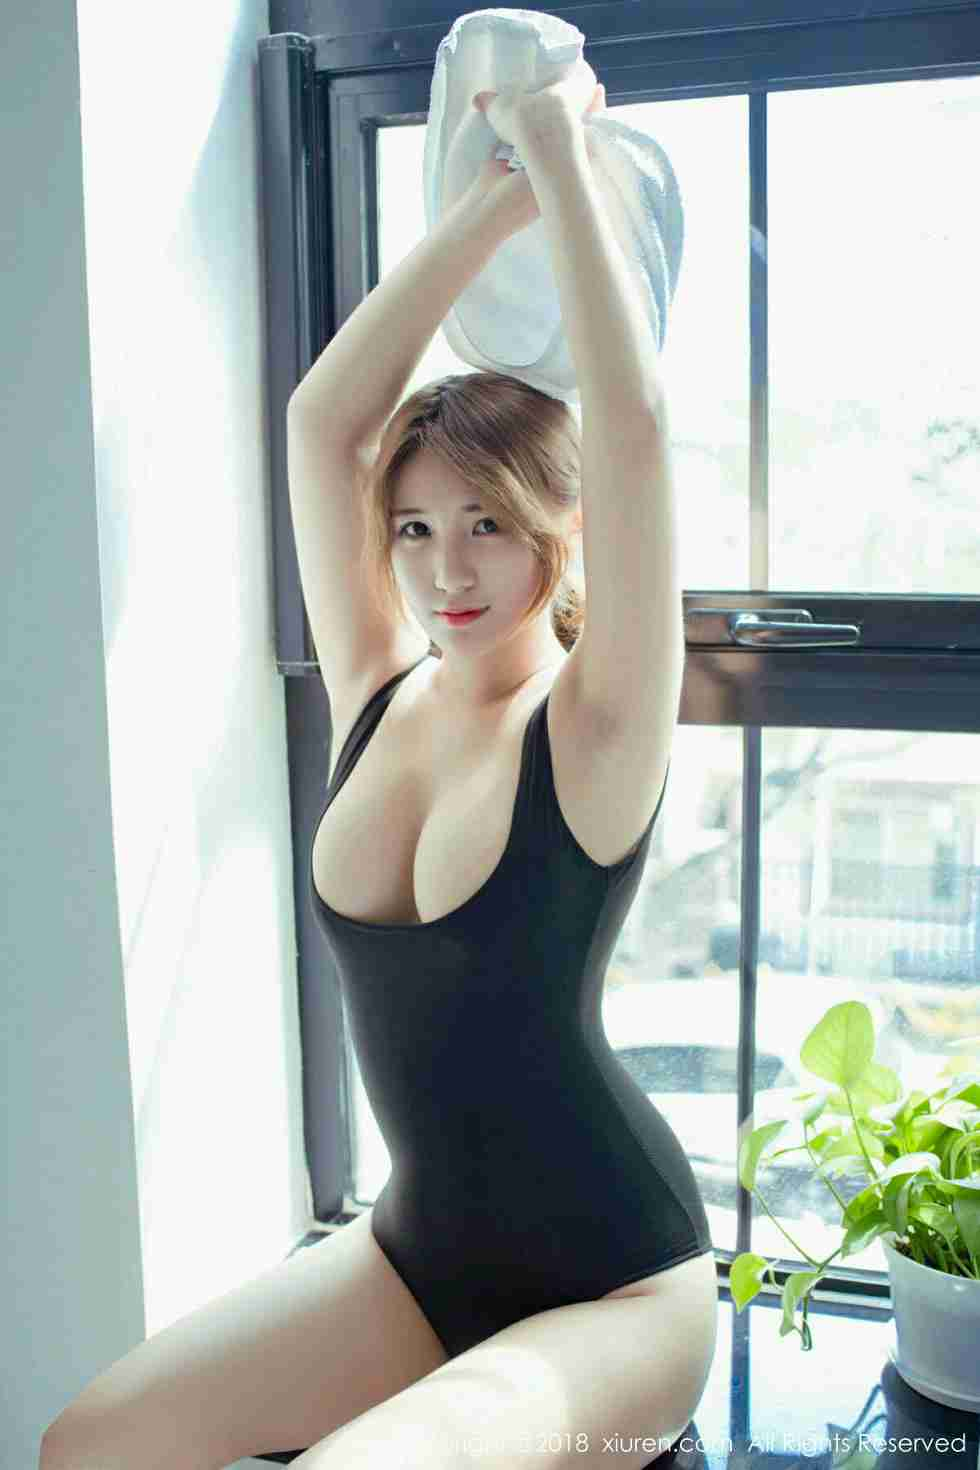 美模久久Aimee全裸水钻贴身遮点秀傲人豪乳撩人诱惑写真